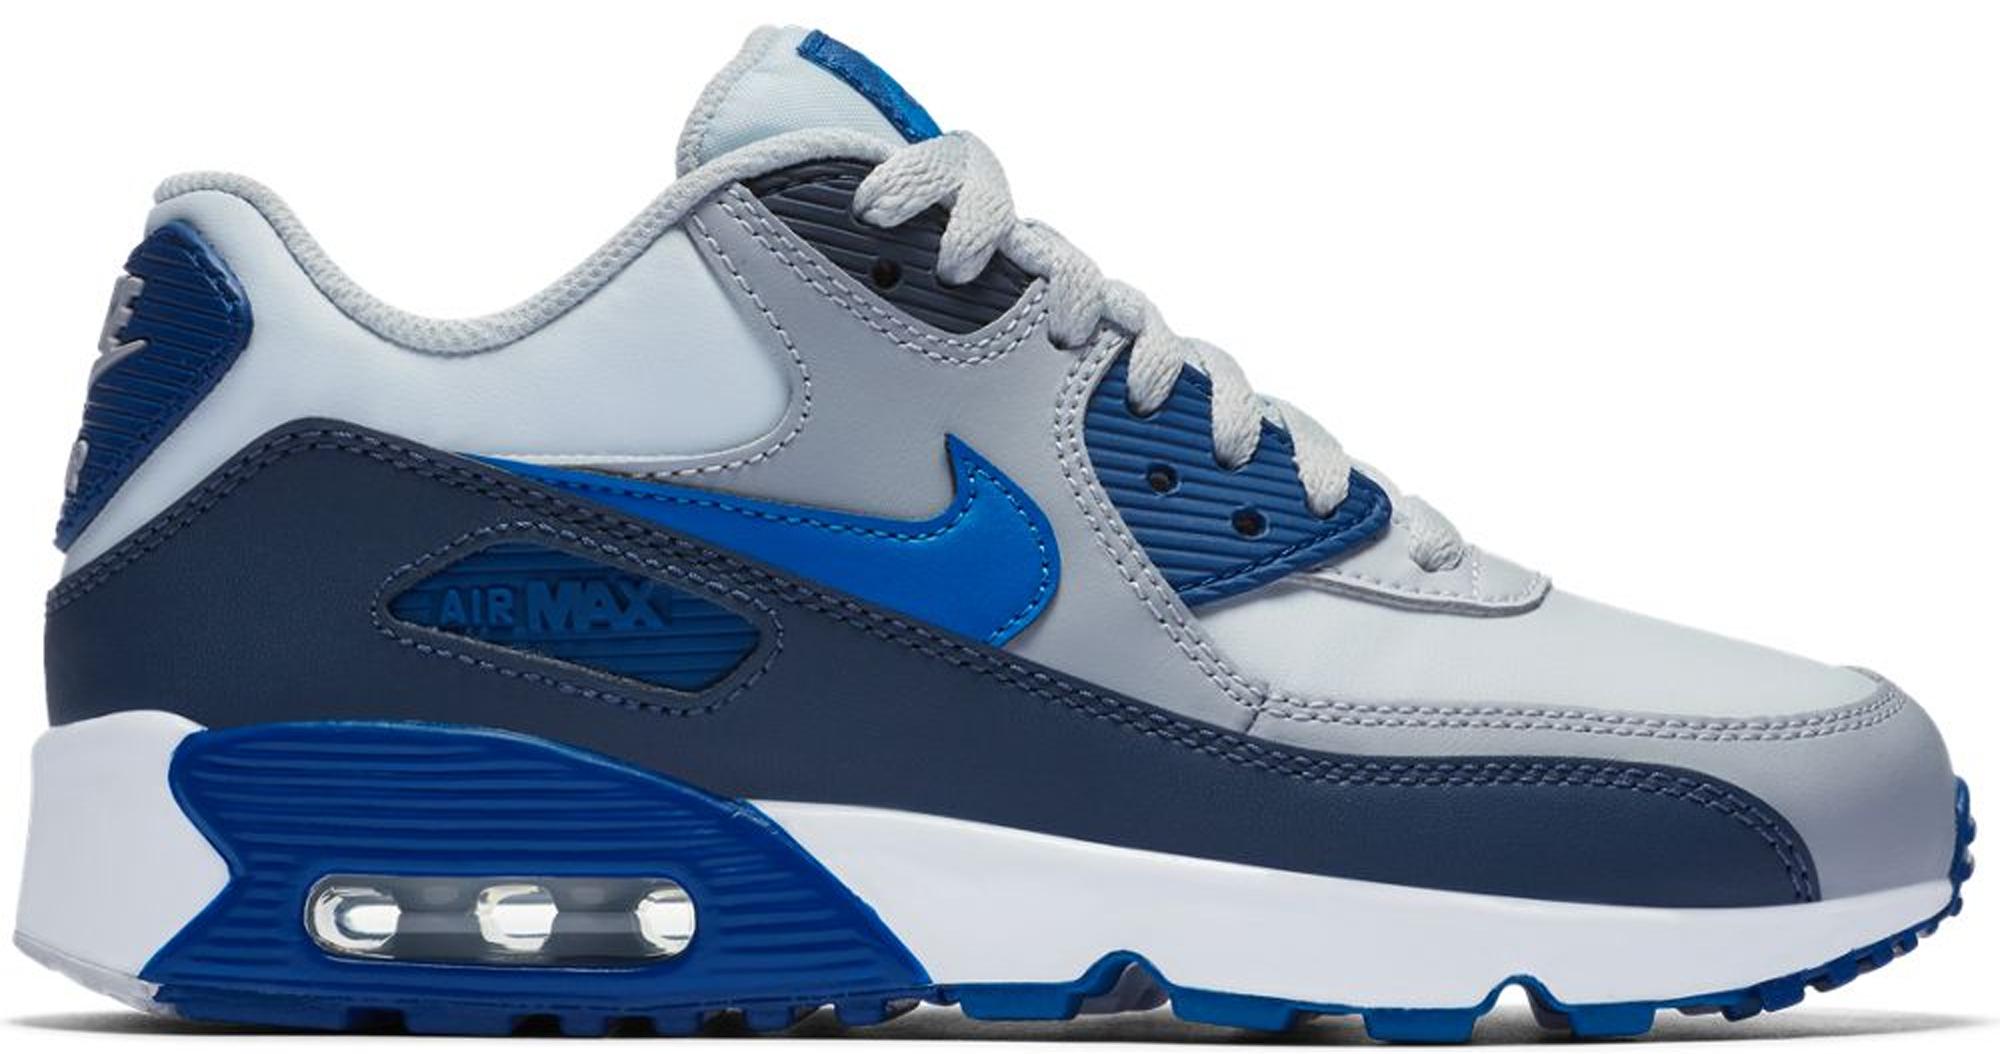 Nike Air Max 90 Thunder Blue (GS